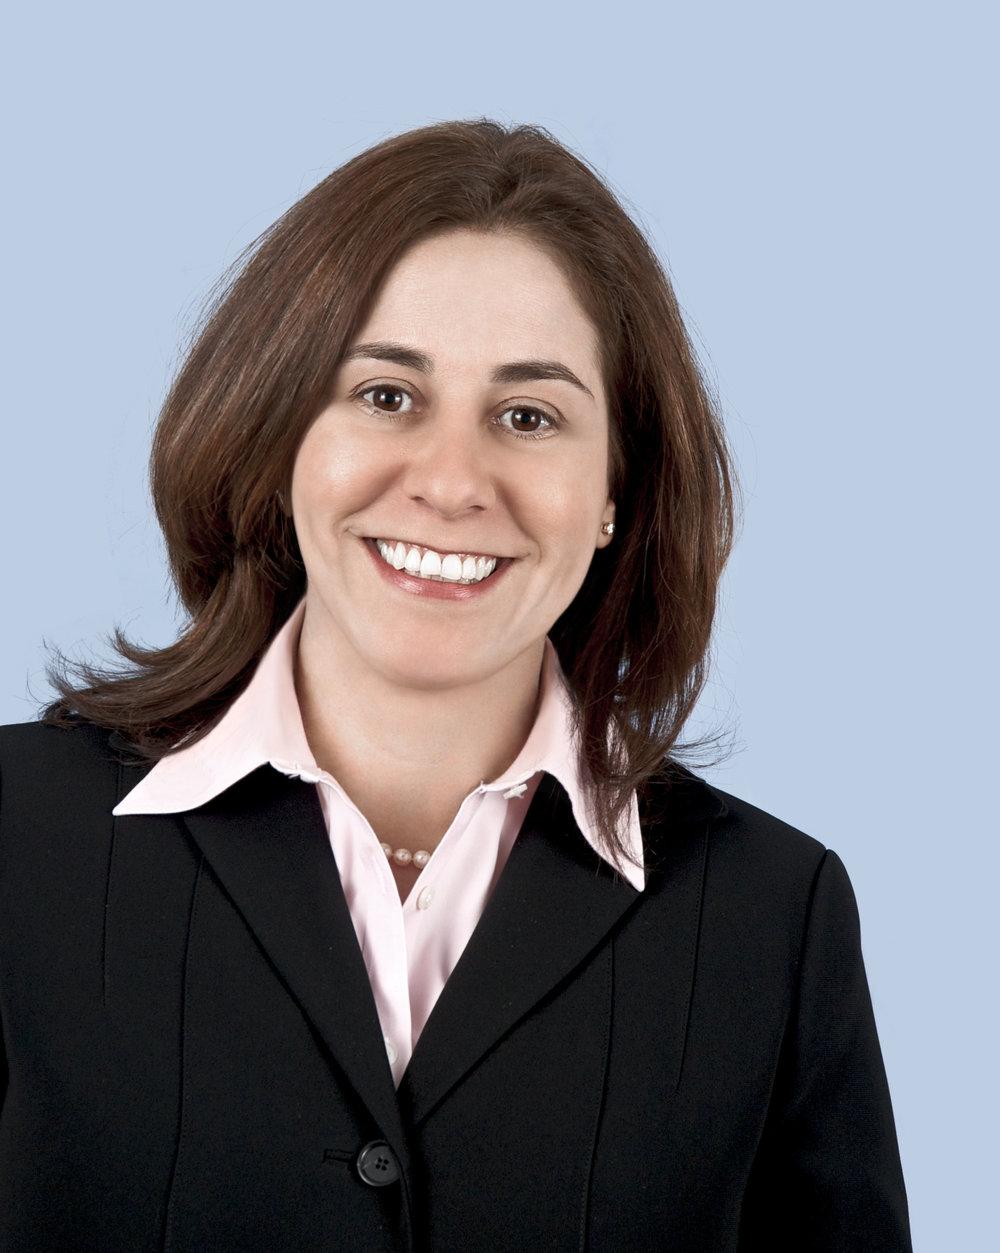 Ester Ramirez